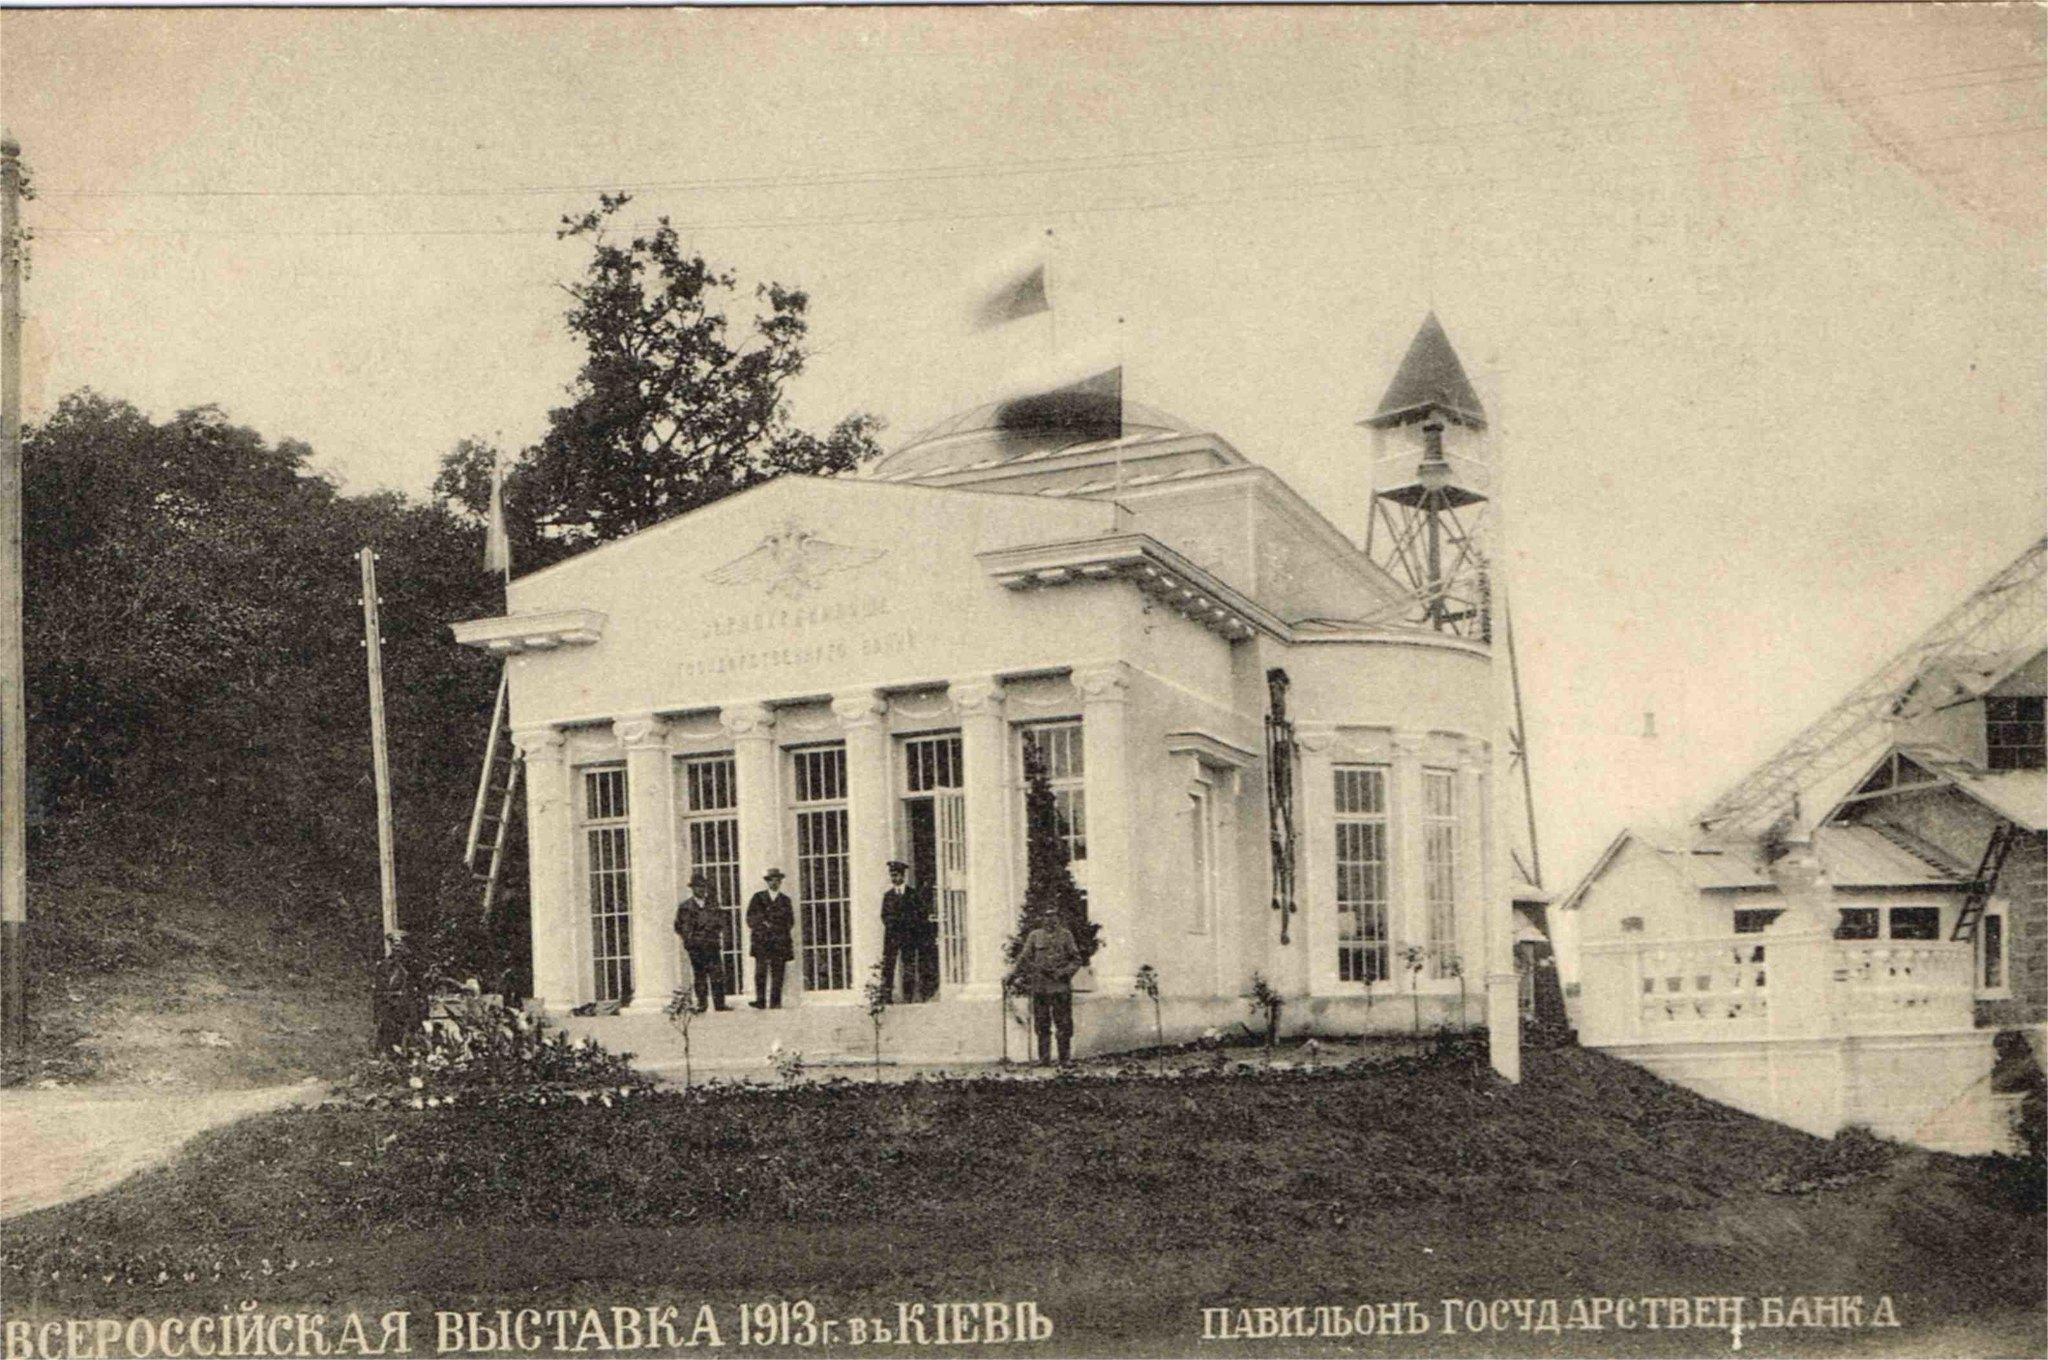 Павильон государственного банка